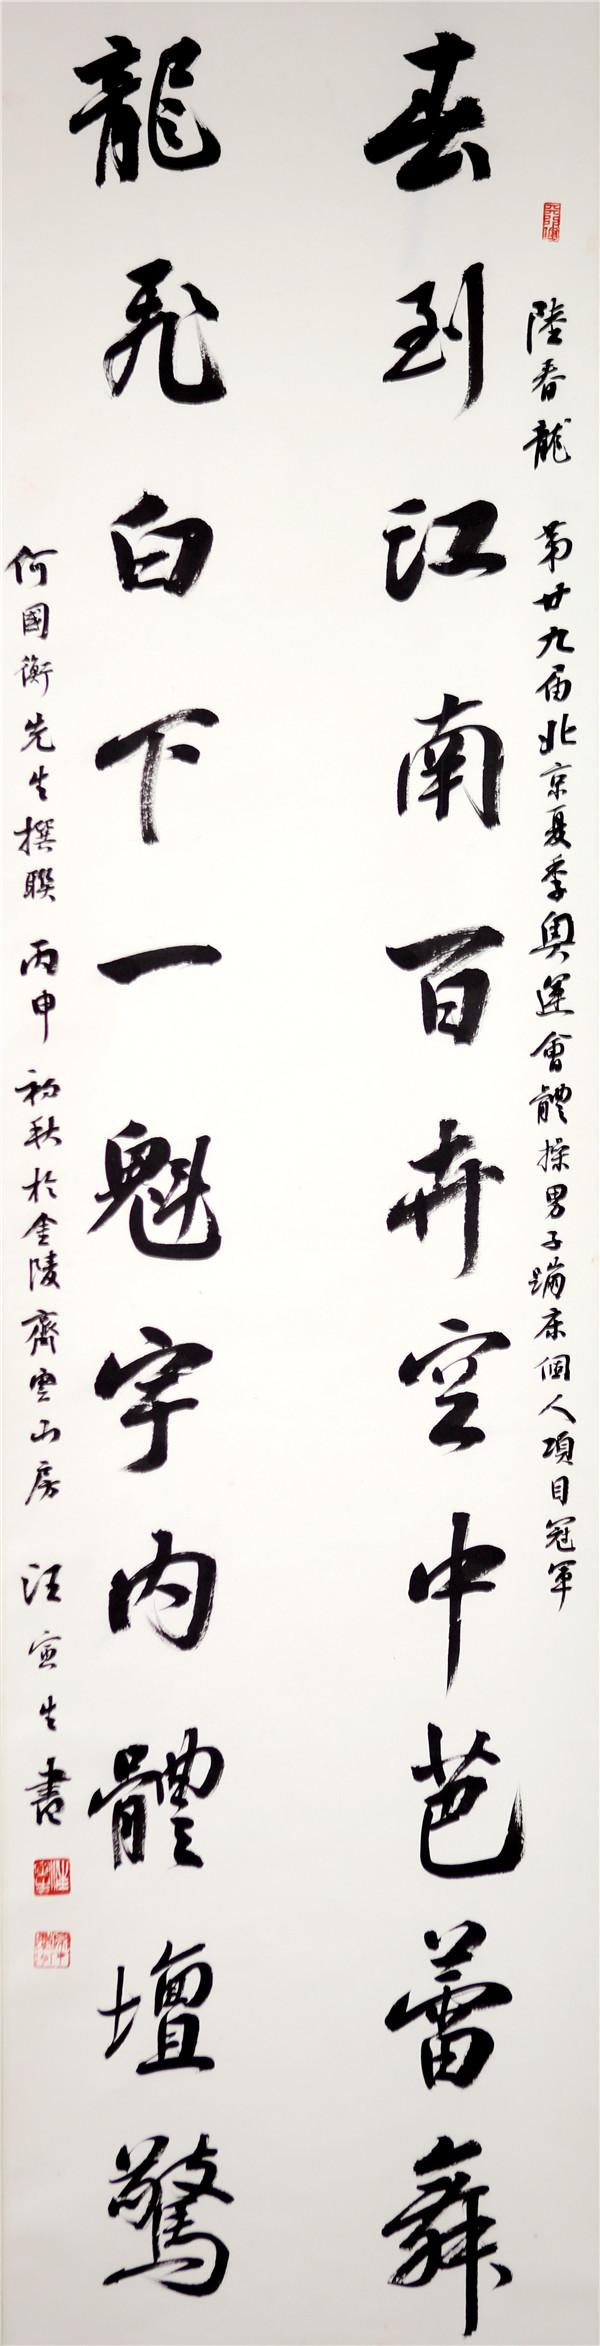 序号365,录何国衡为江苏奥运冠军陆春龙嵌名联